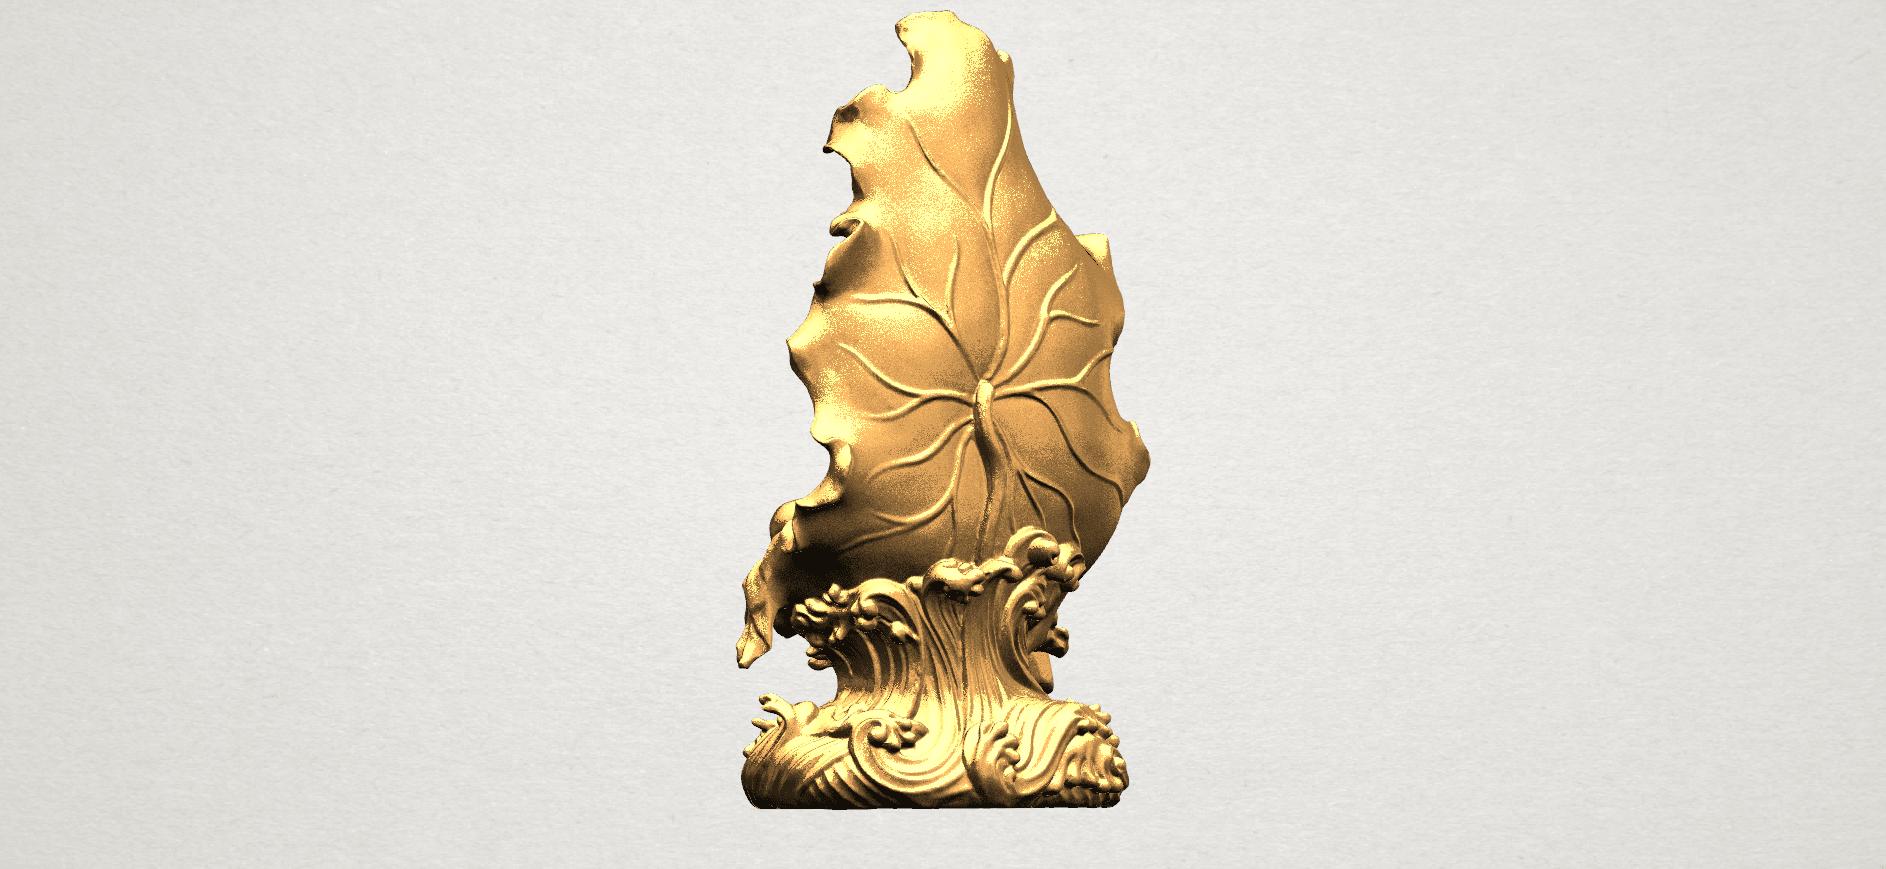 Avalokitesvara Buddha (with Lotus Leave) (ii) A05.png Download free STL file Avalokitesvara Buddha (with Lotus Leave) 02 • Model to 3D print, GeorgesNikkei